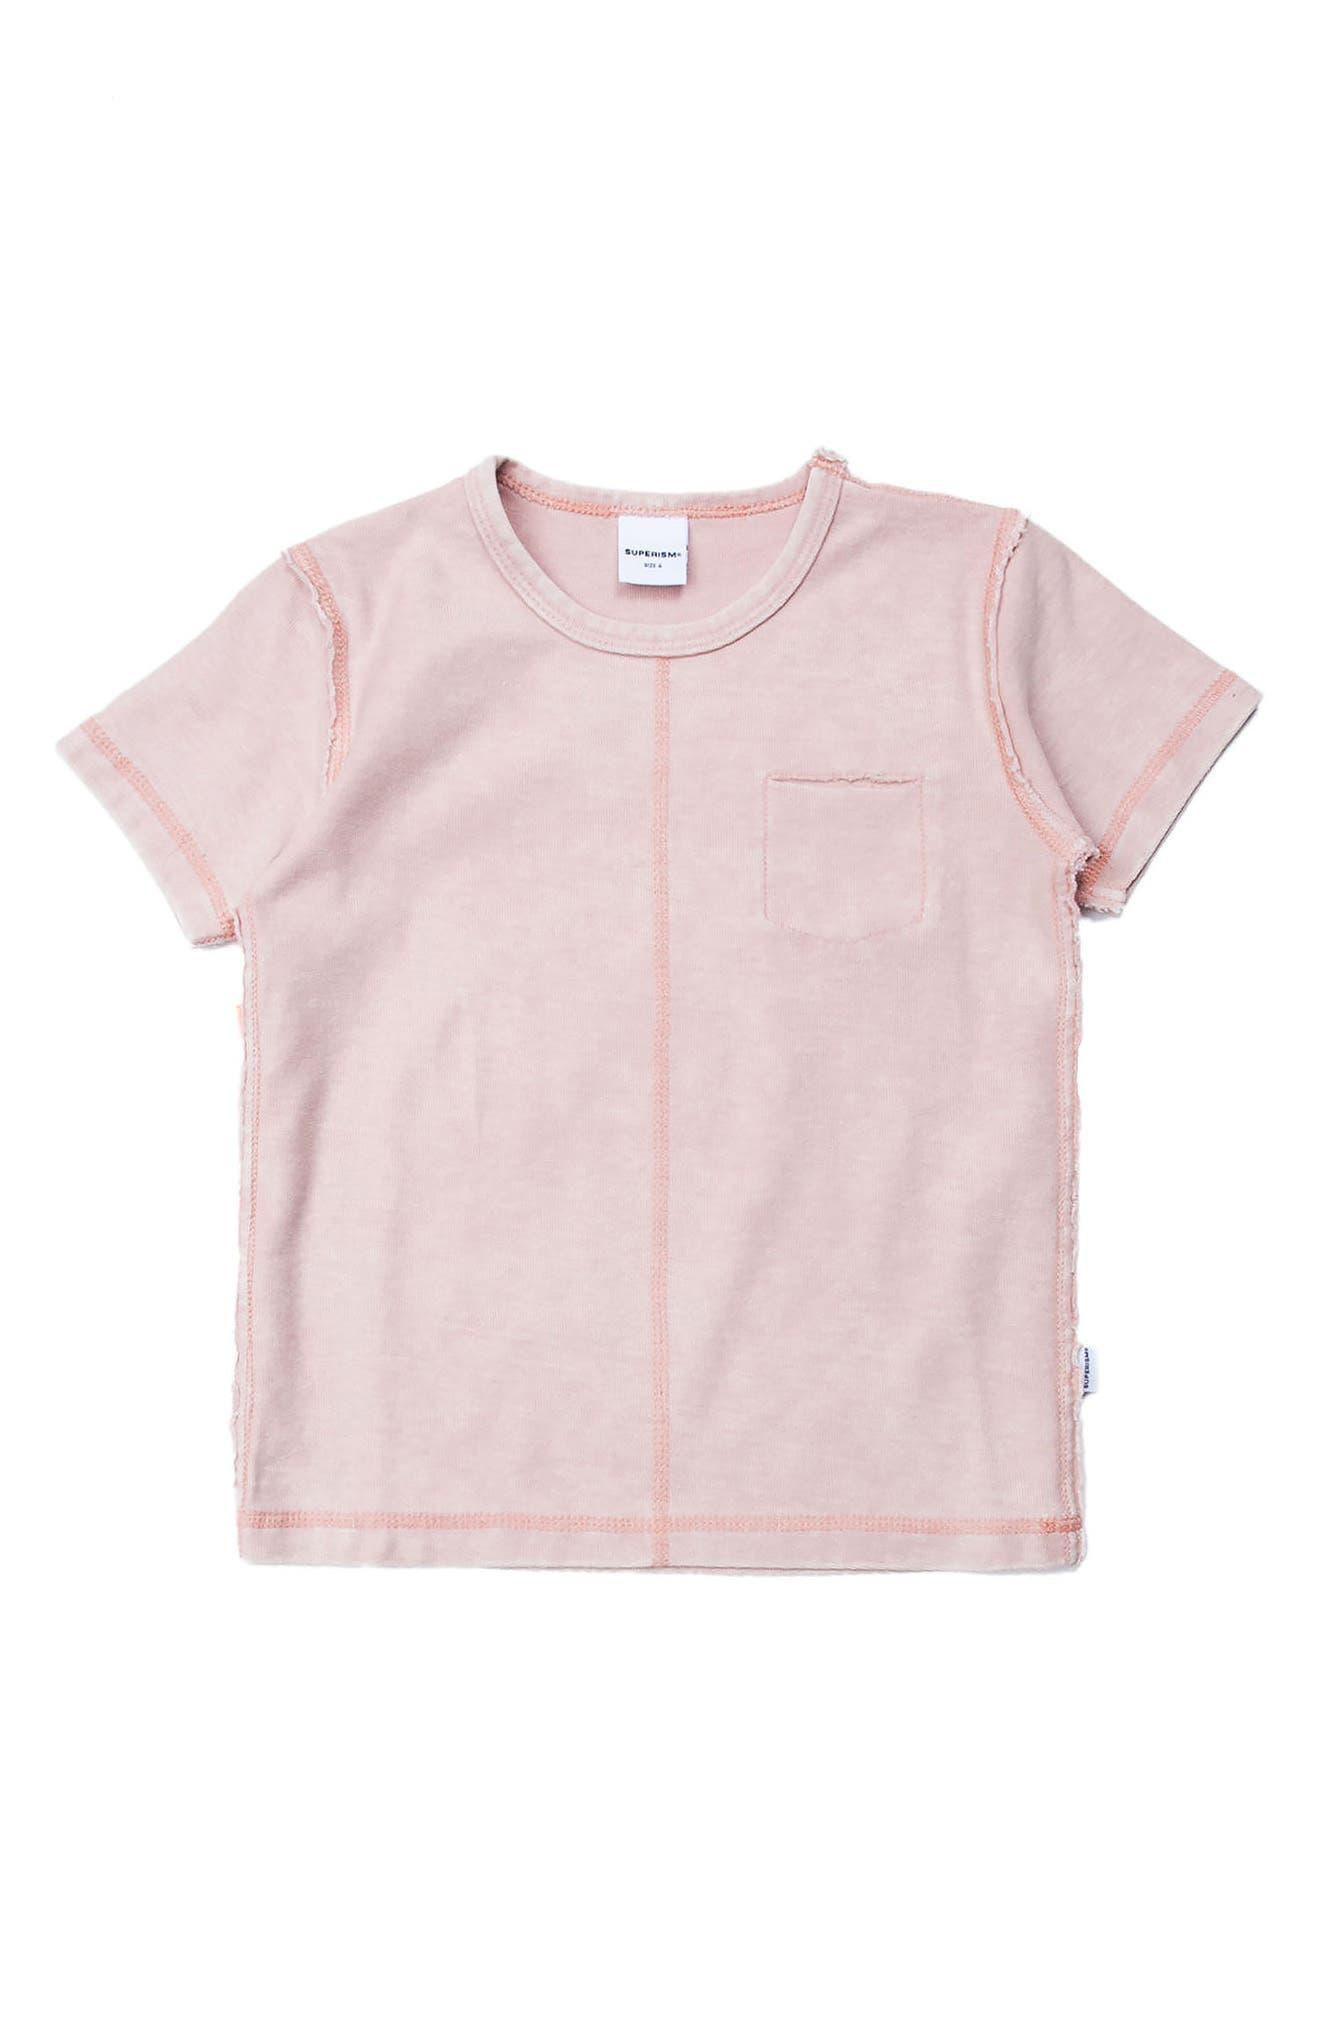 Emery Pocket T-Shirt,                             Main thumbnail 1, color,                             Pink